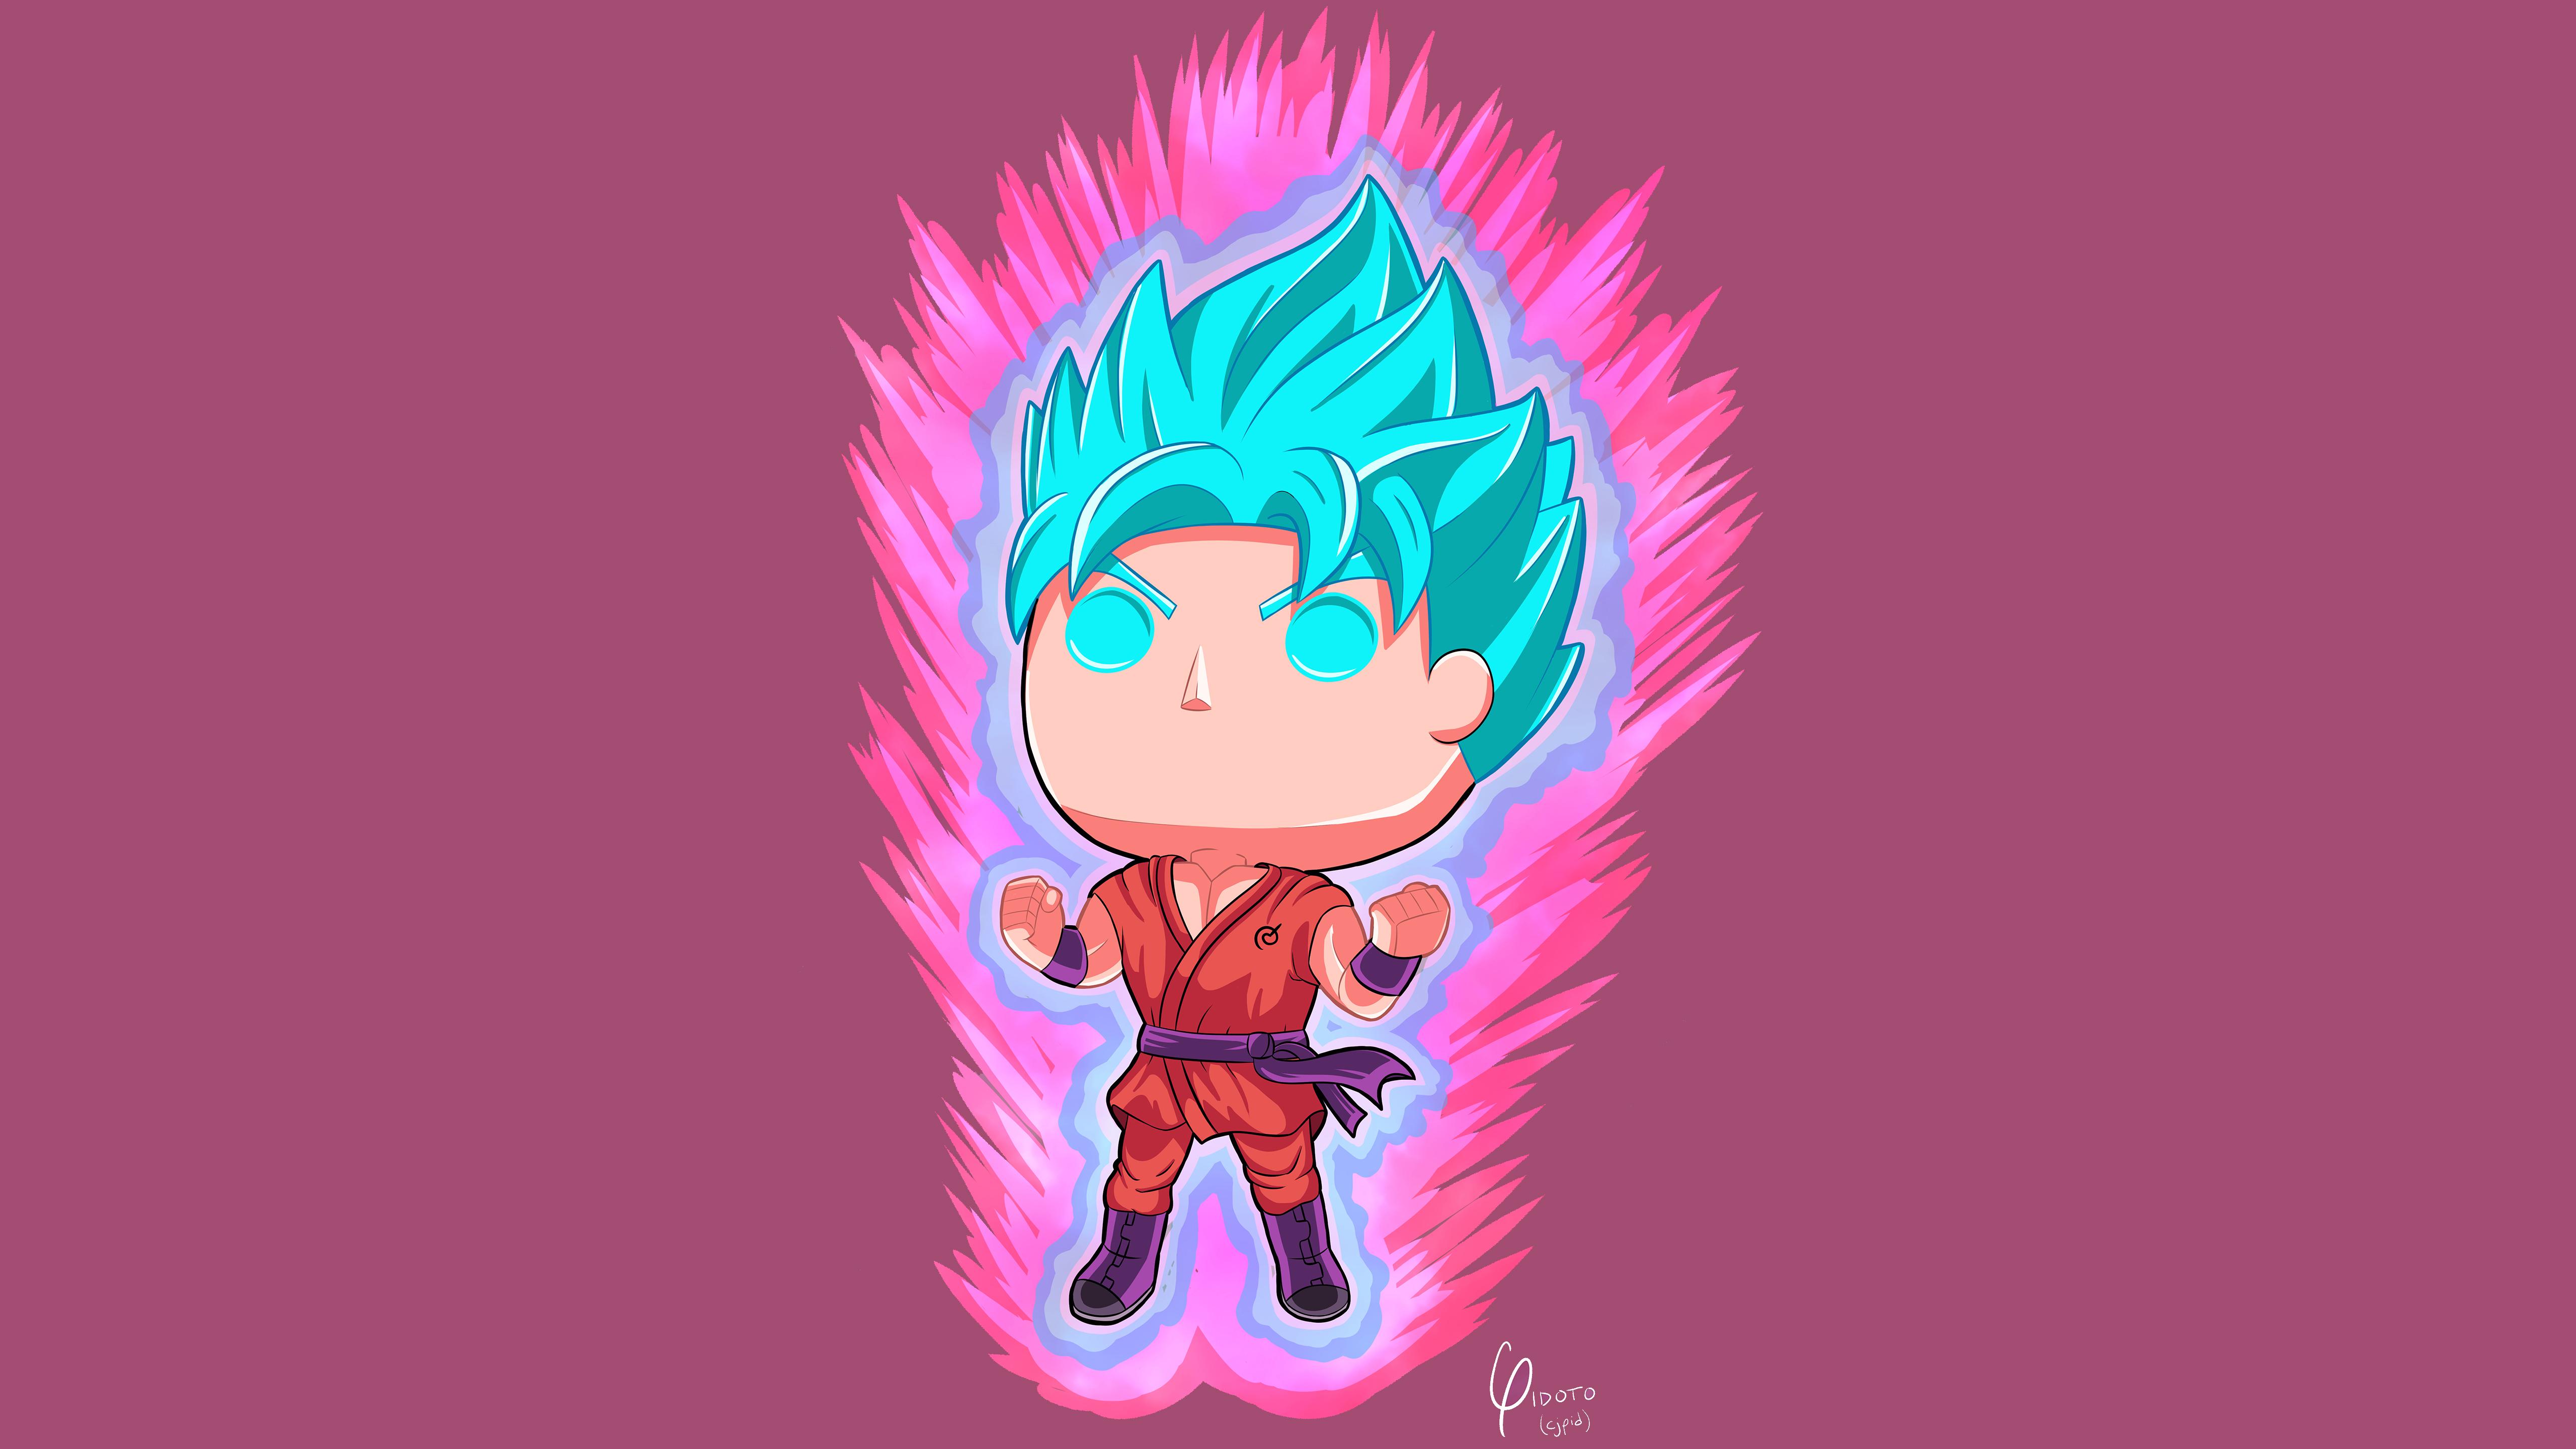 Goku Dragon Ball Super Anime 5k Artwork, HD Anime, 4k ...